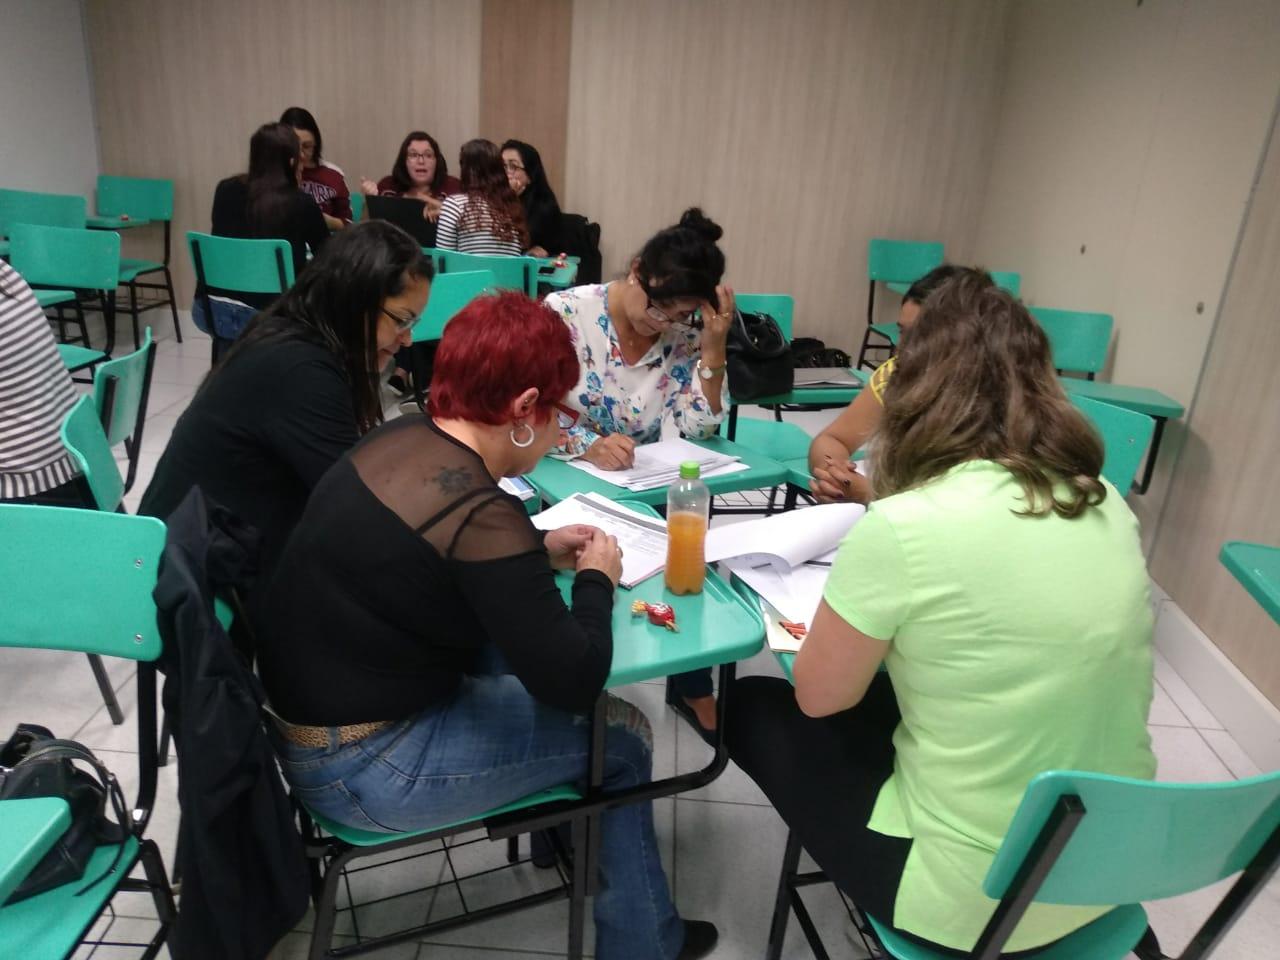 Educação: a importância da Hora Atividade para aperfeiçoamento dos professores e qualidade do ensino